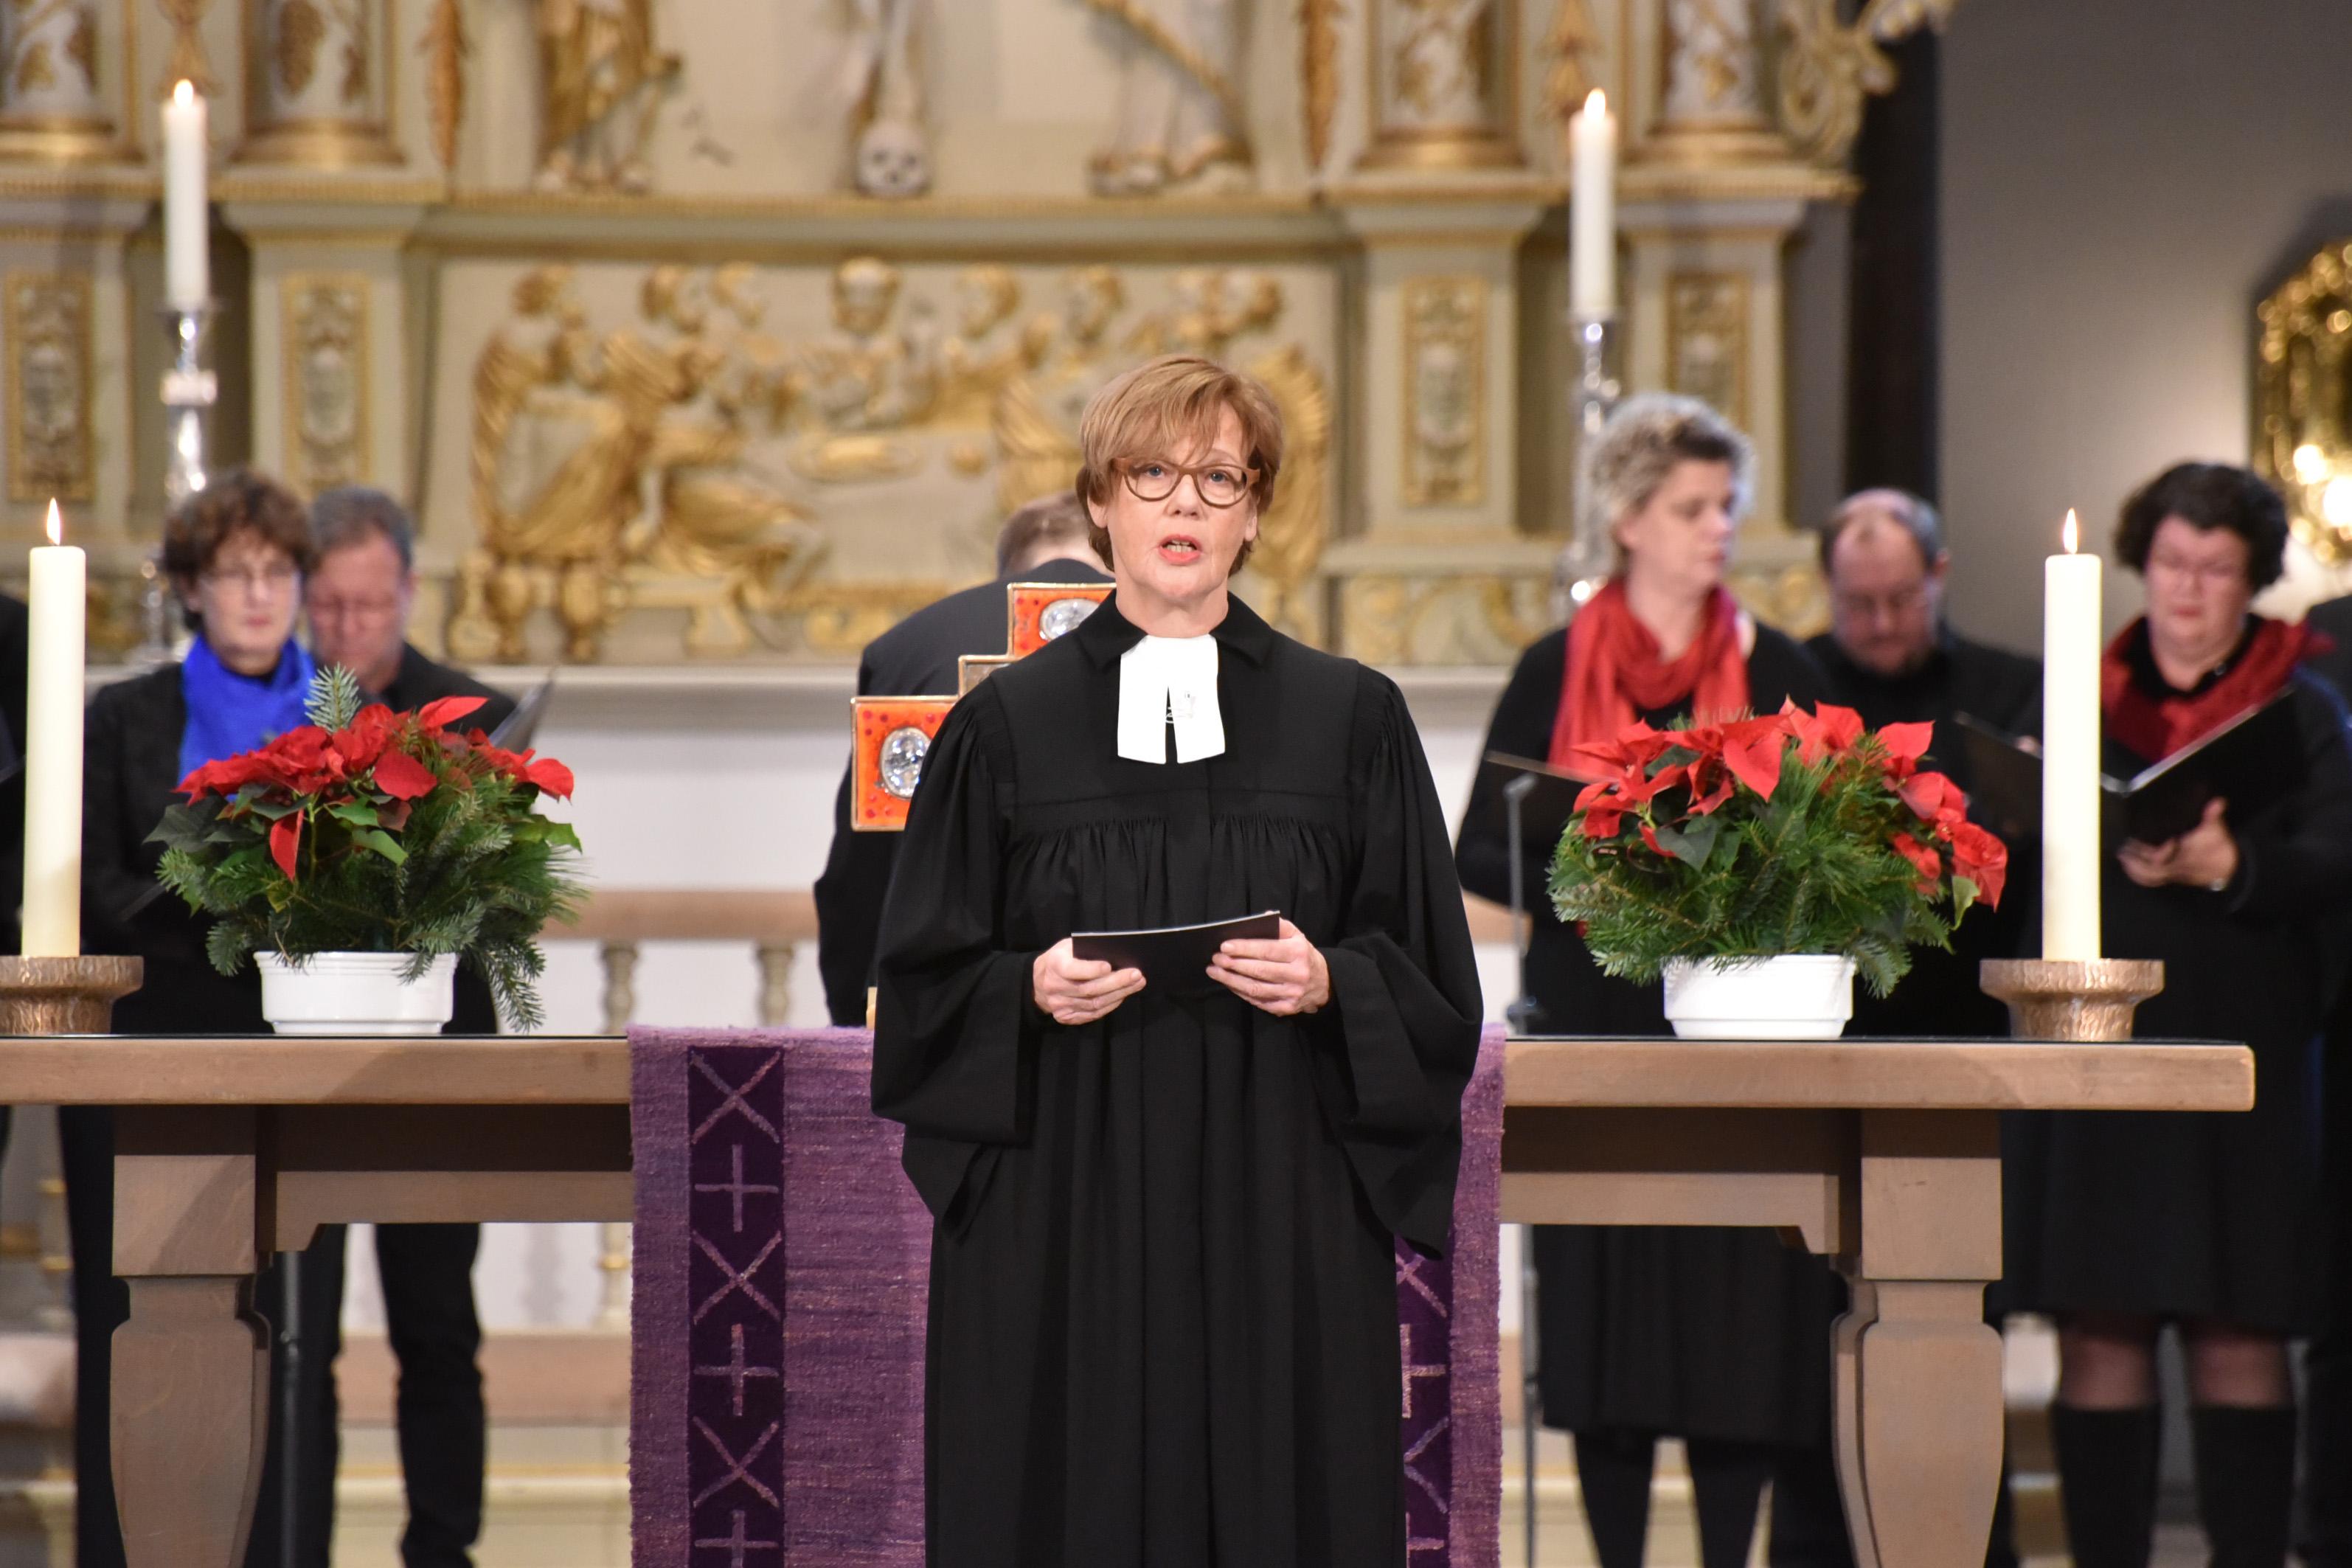 Das evangelische Hilfswerk Brot für die Welt startet am 1. Advent seine bundesweite Spendenaktion in Rendsburg in Schleswig-Holstein.